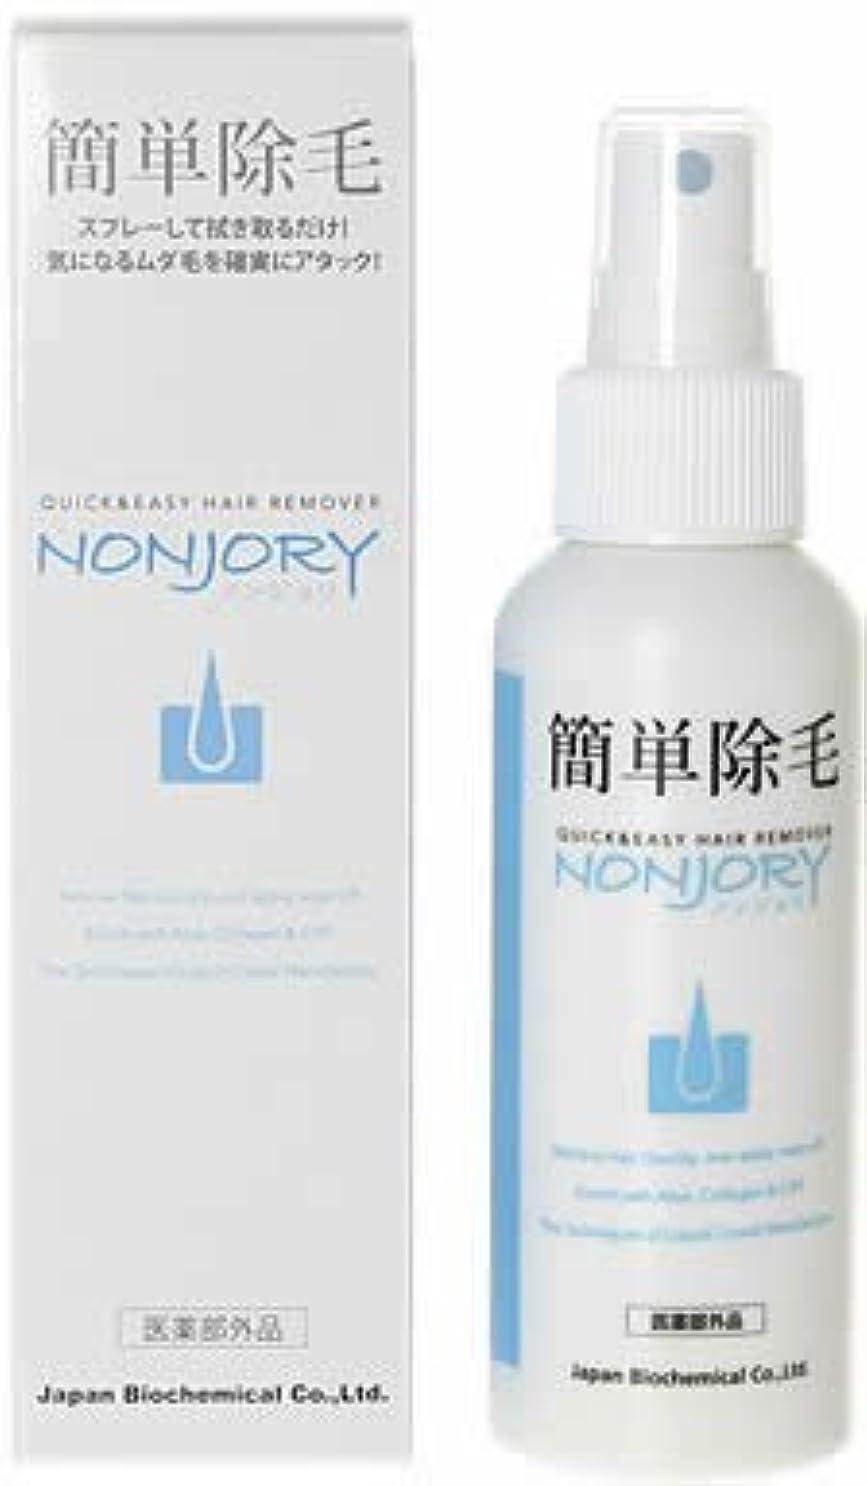 ラフレシアアルノルディおそらく雄弁な薬用除毛剤 NONJORY(ノンジョリ) トリガータイプ 100g